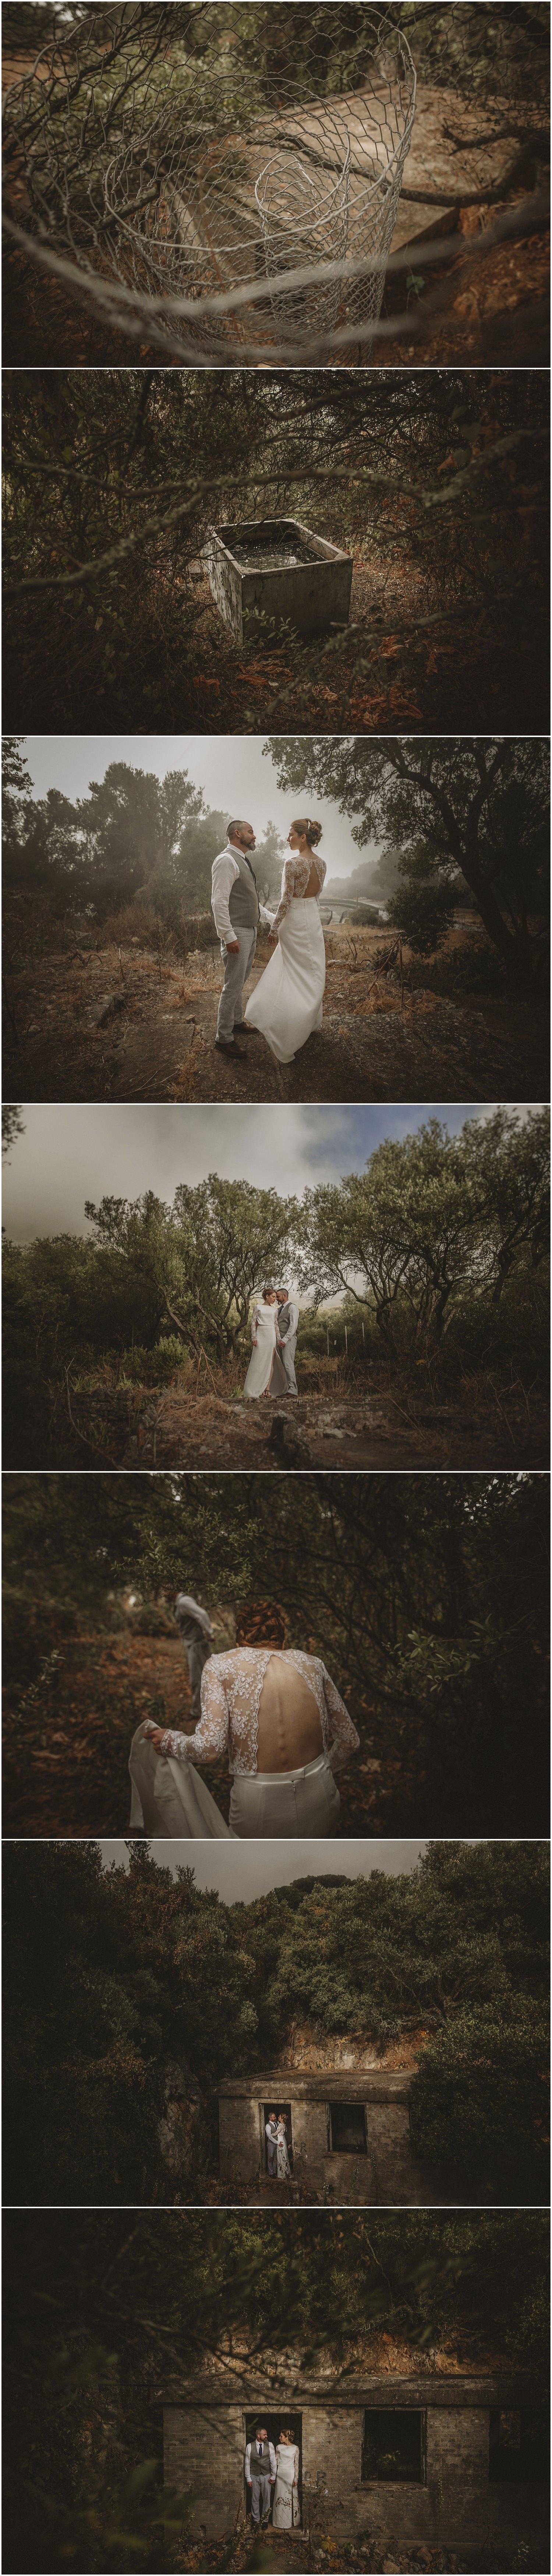 Gibraltar wedding photographer, wedding in gibraltar, botanical garden, alameda, gibraltar, botanical wedding, oscar guillen, fotografo, bodas gibraltar